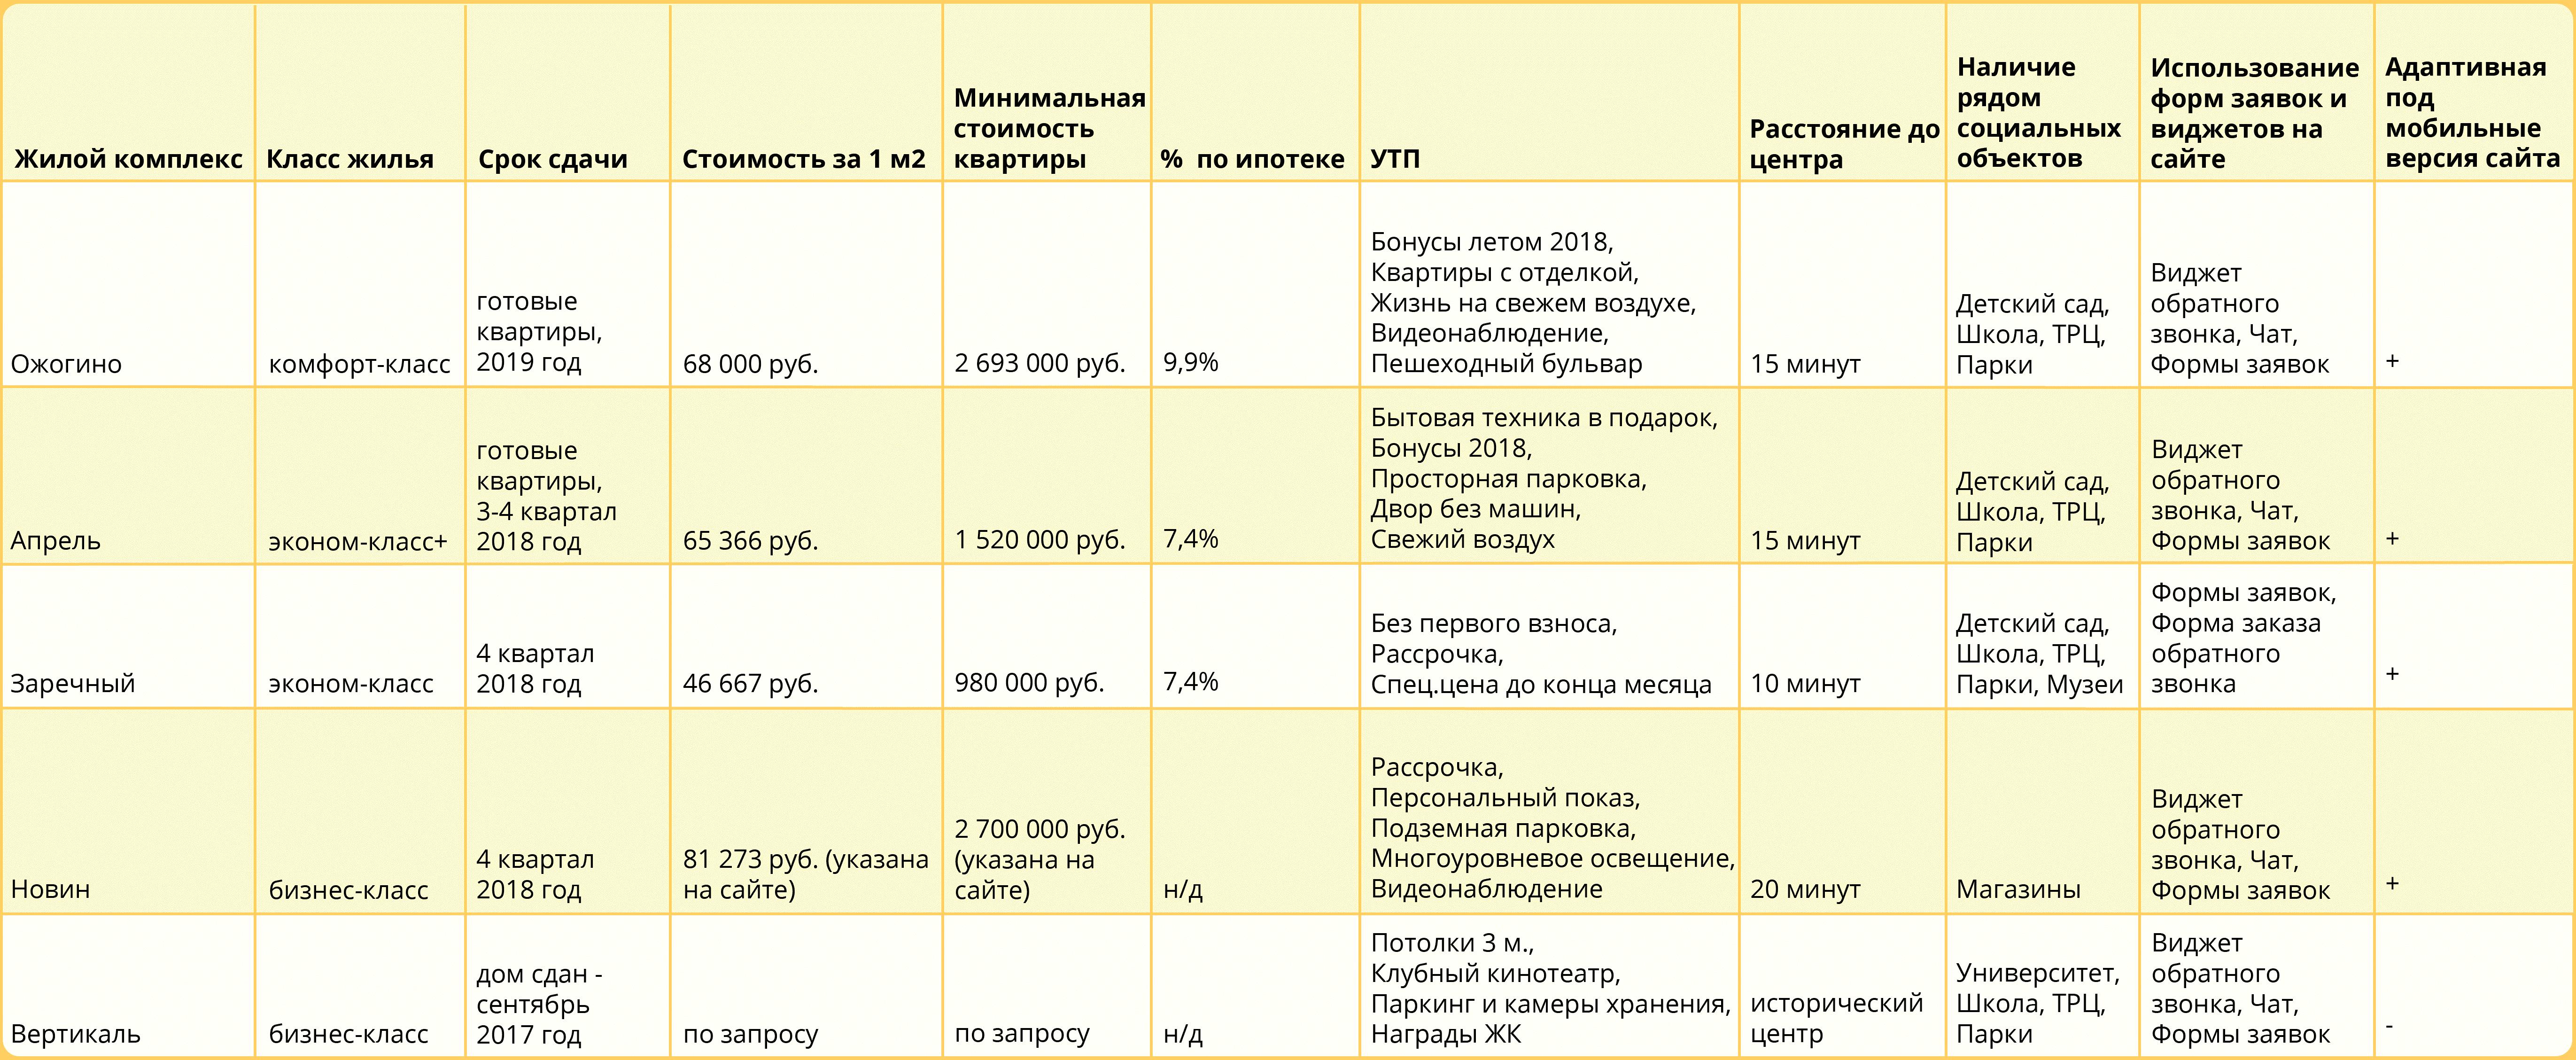 Сравнительный анализ конкурентов - пример застройщика